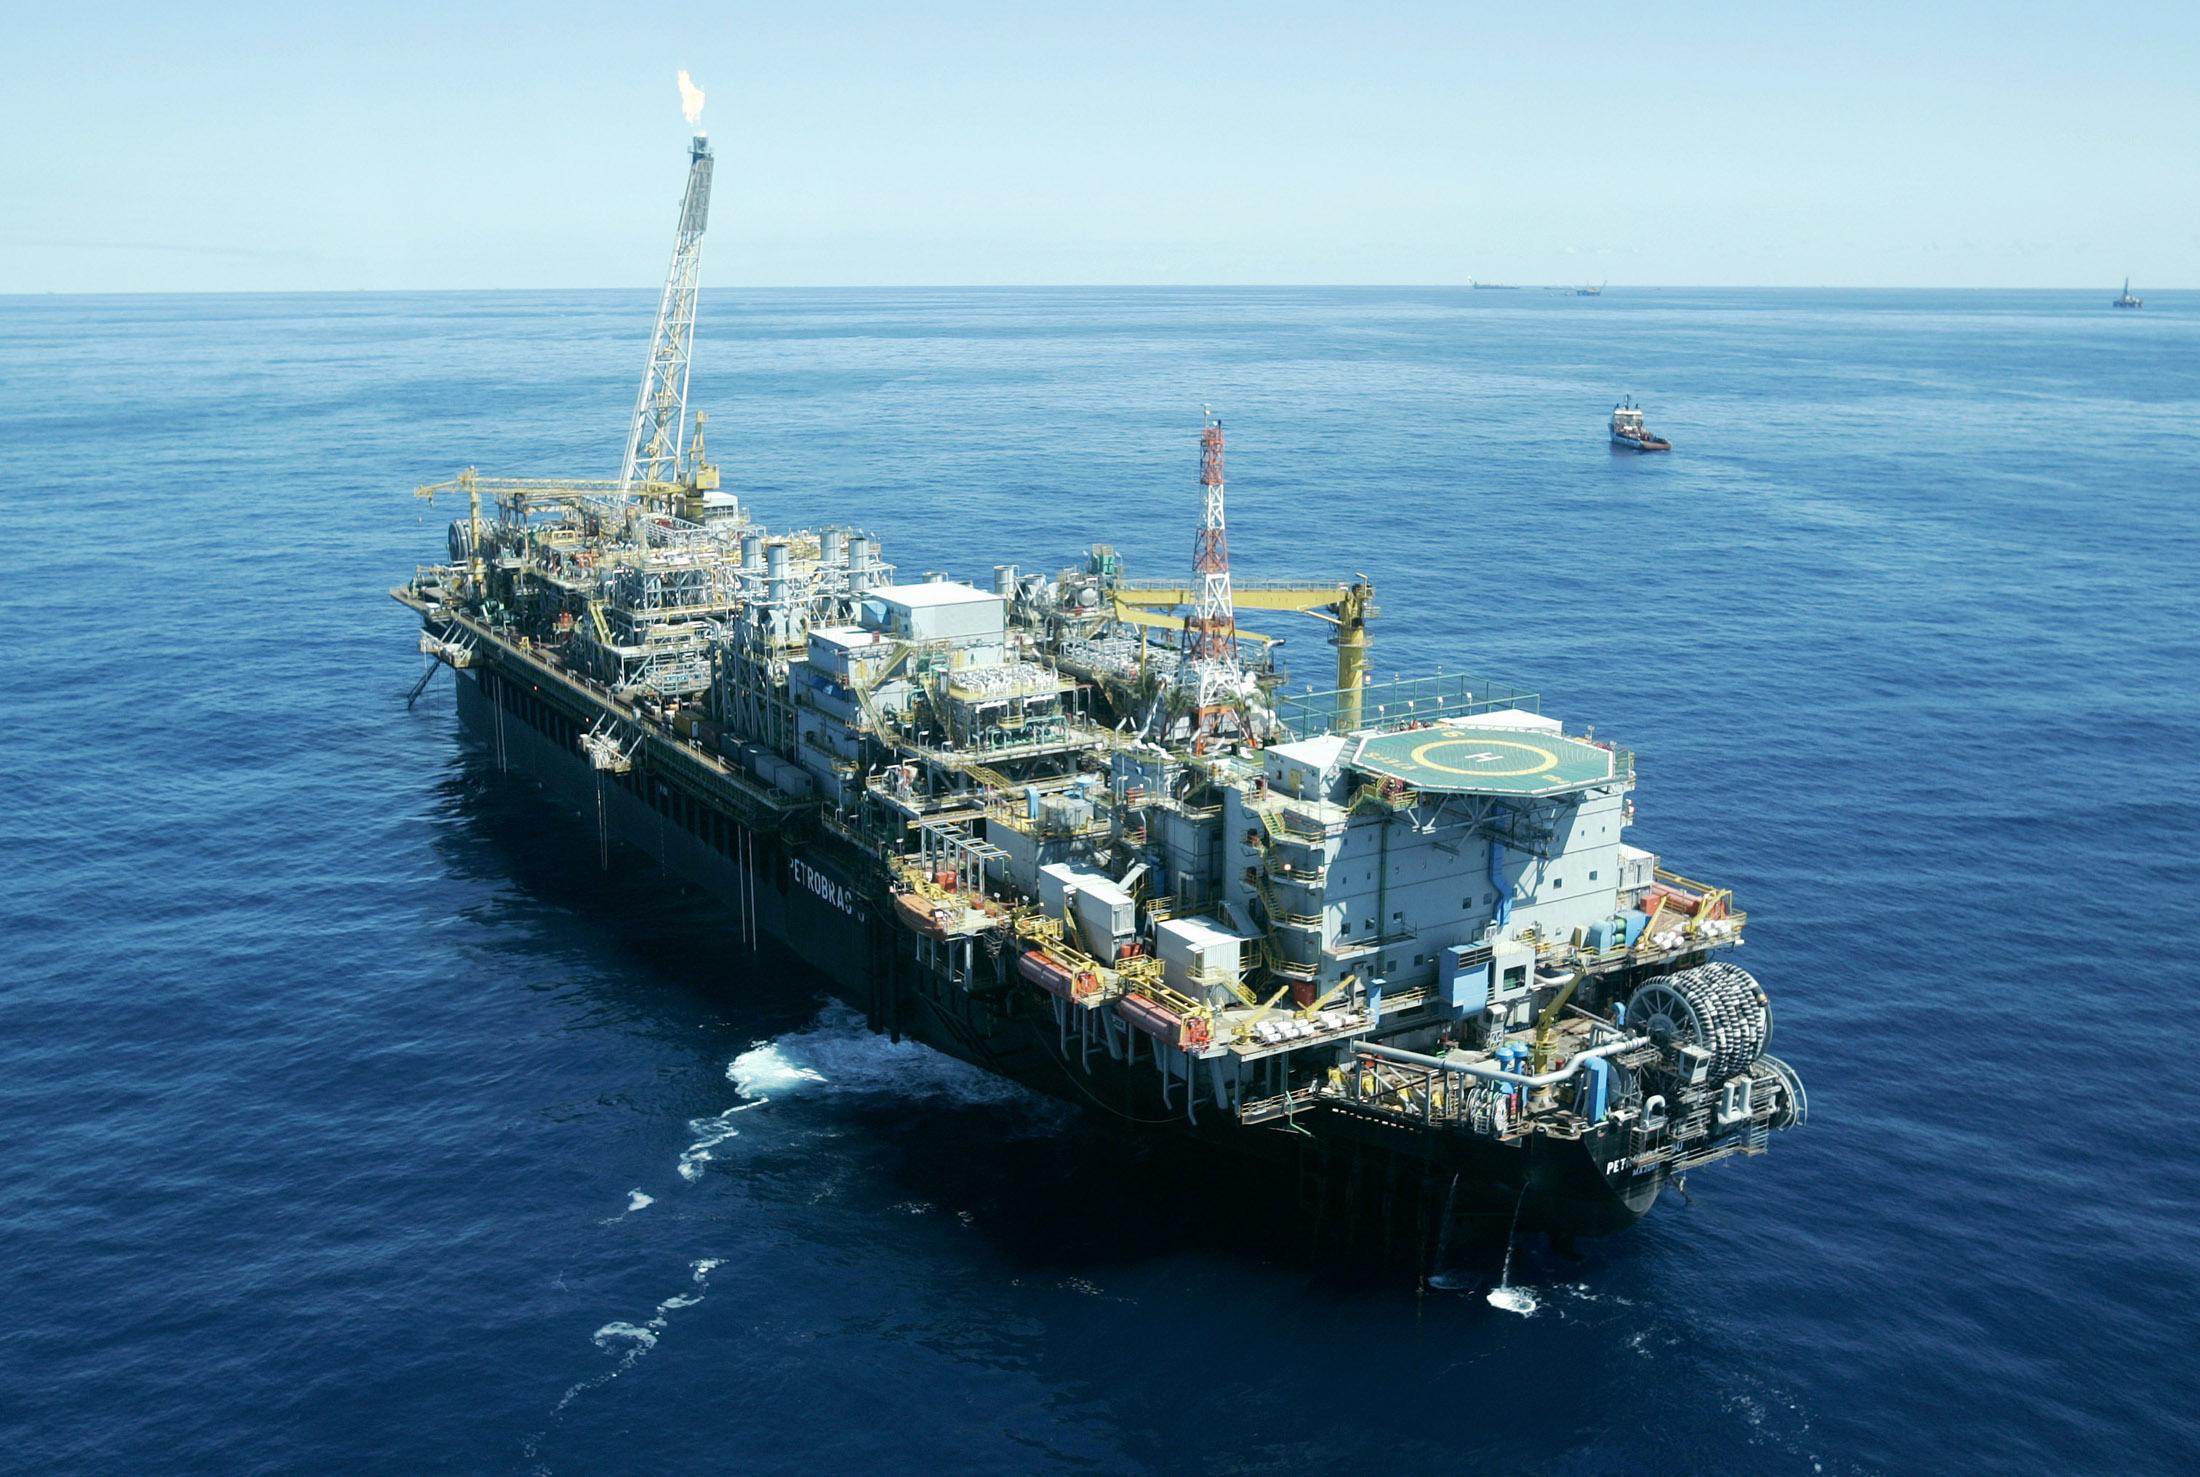 Petrobras aponta trincas em plataforma em Campos; retira funcionários